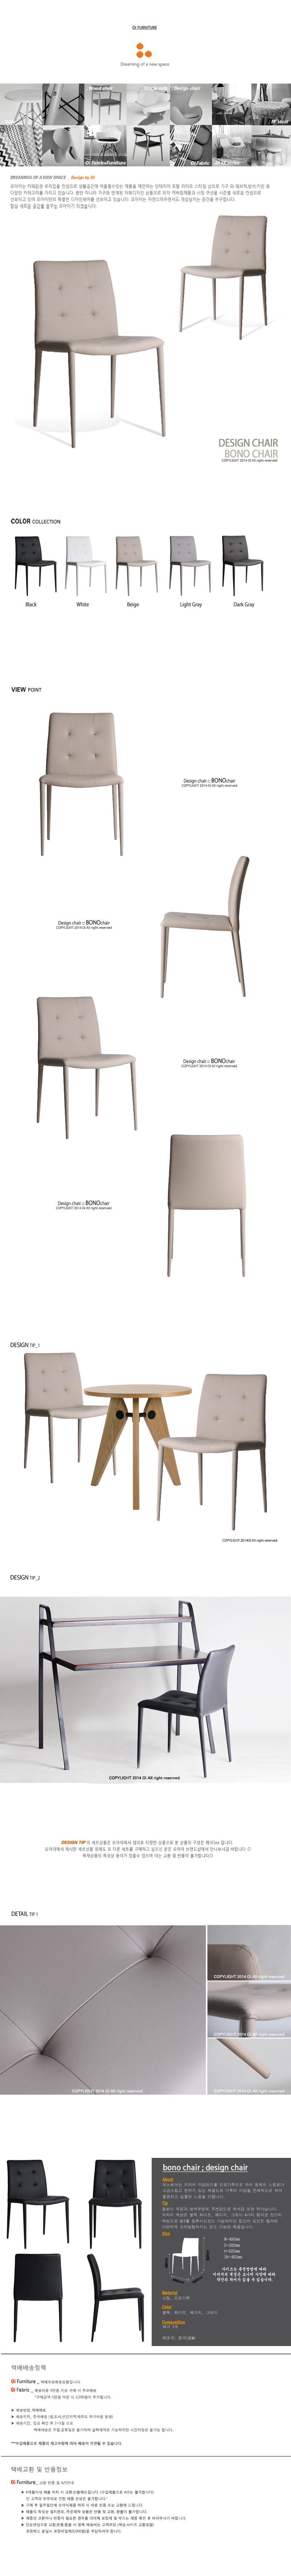 Bono chiar - 오아이, 125,000원, 디자인 의자, 우드의자